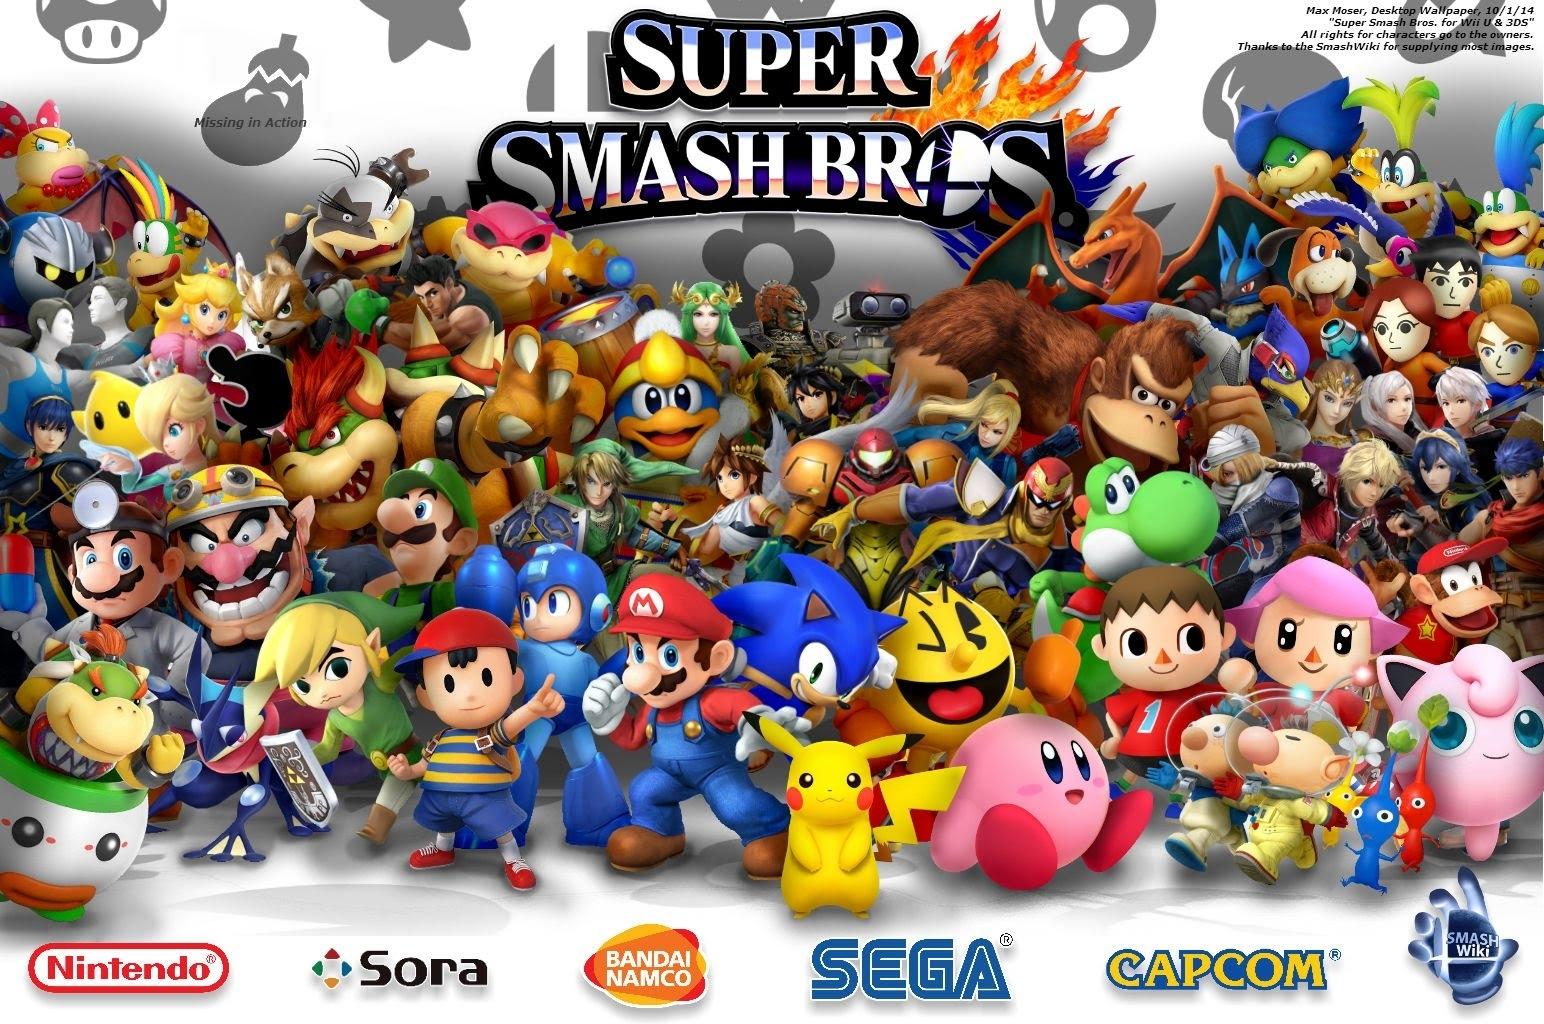 super smash bros. for wii u & 3ds (desktop wallpaper) - youtube